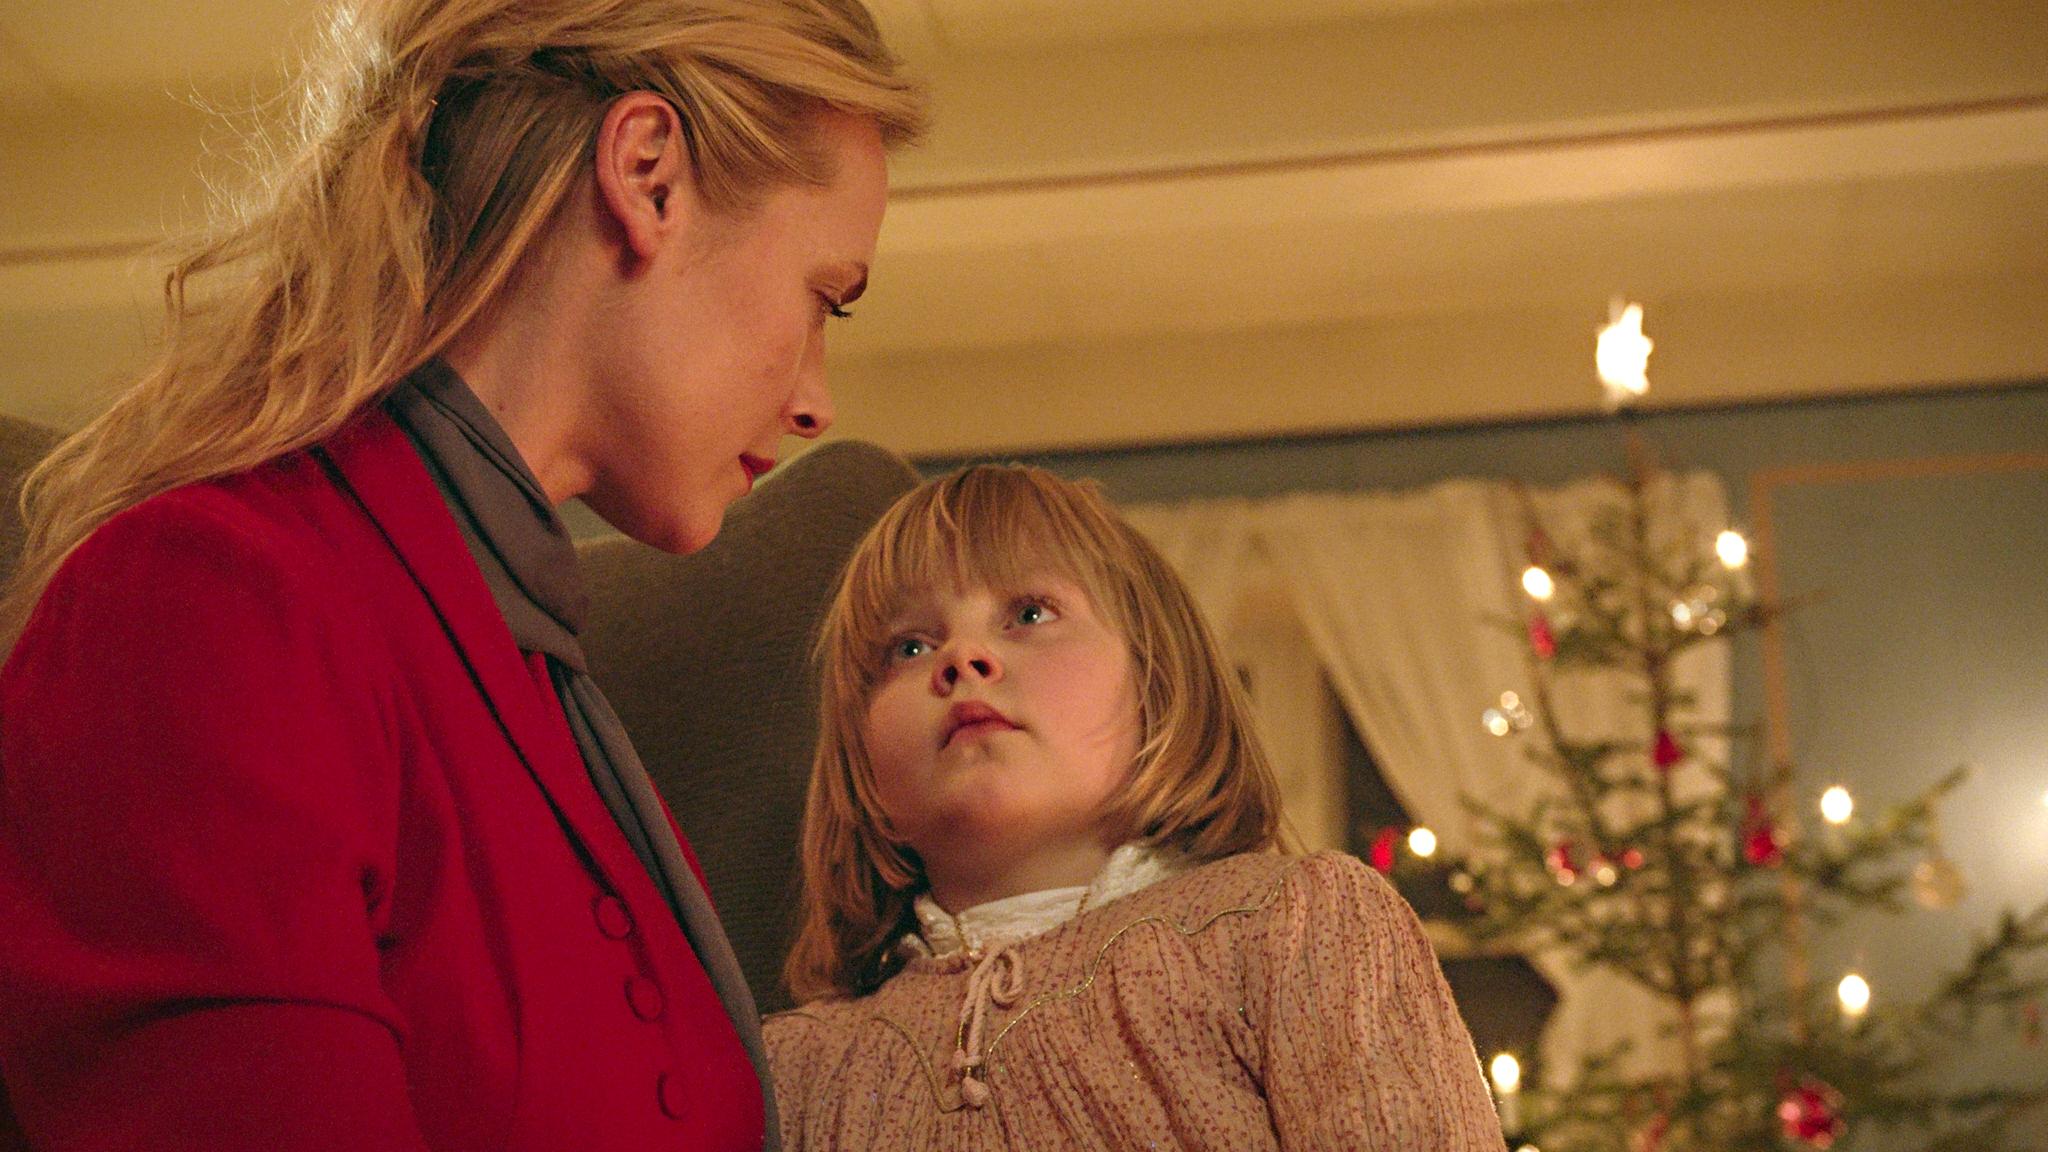 Manusforfatter Maja Lunde borer i forholdet med mor og datter, indirekte iscenesatt i møtet mellom Cathrine (Synnøve Macody Lund) og nabojenta (Ebba Steenstrup Såheim).